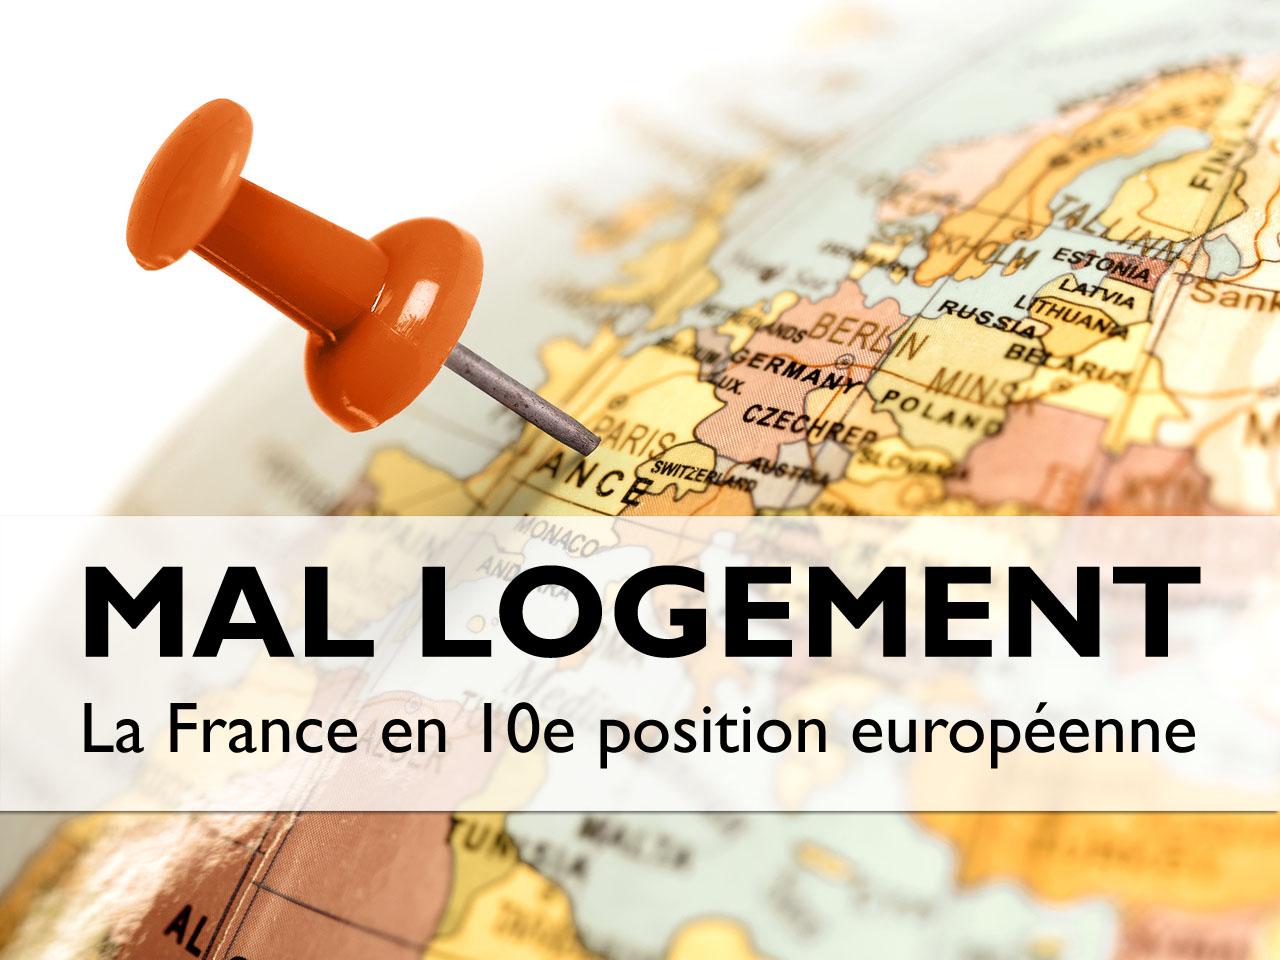 La France en dixième position du mal-logement en Europe